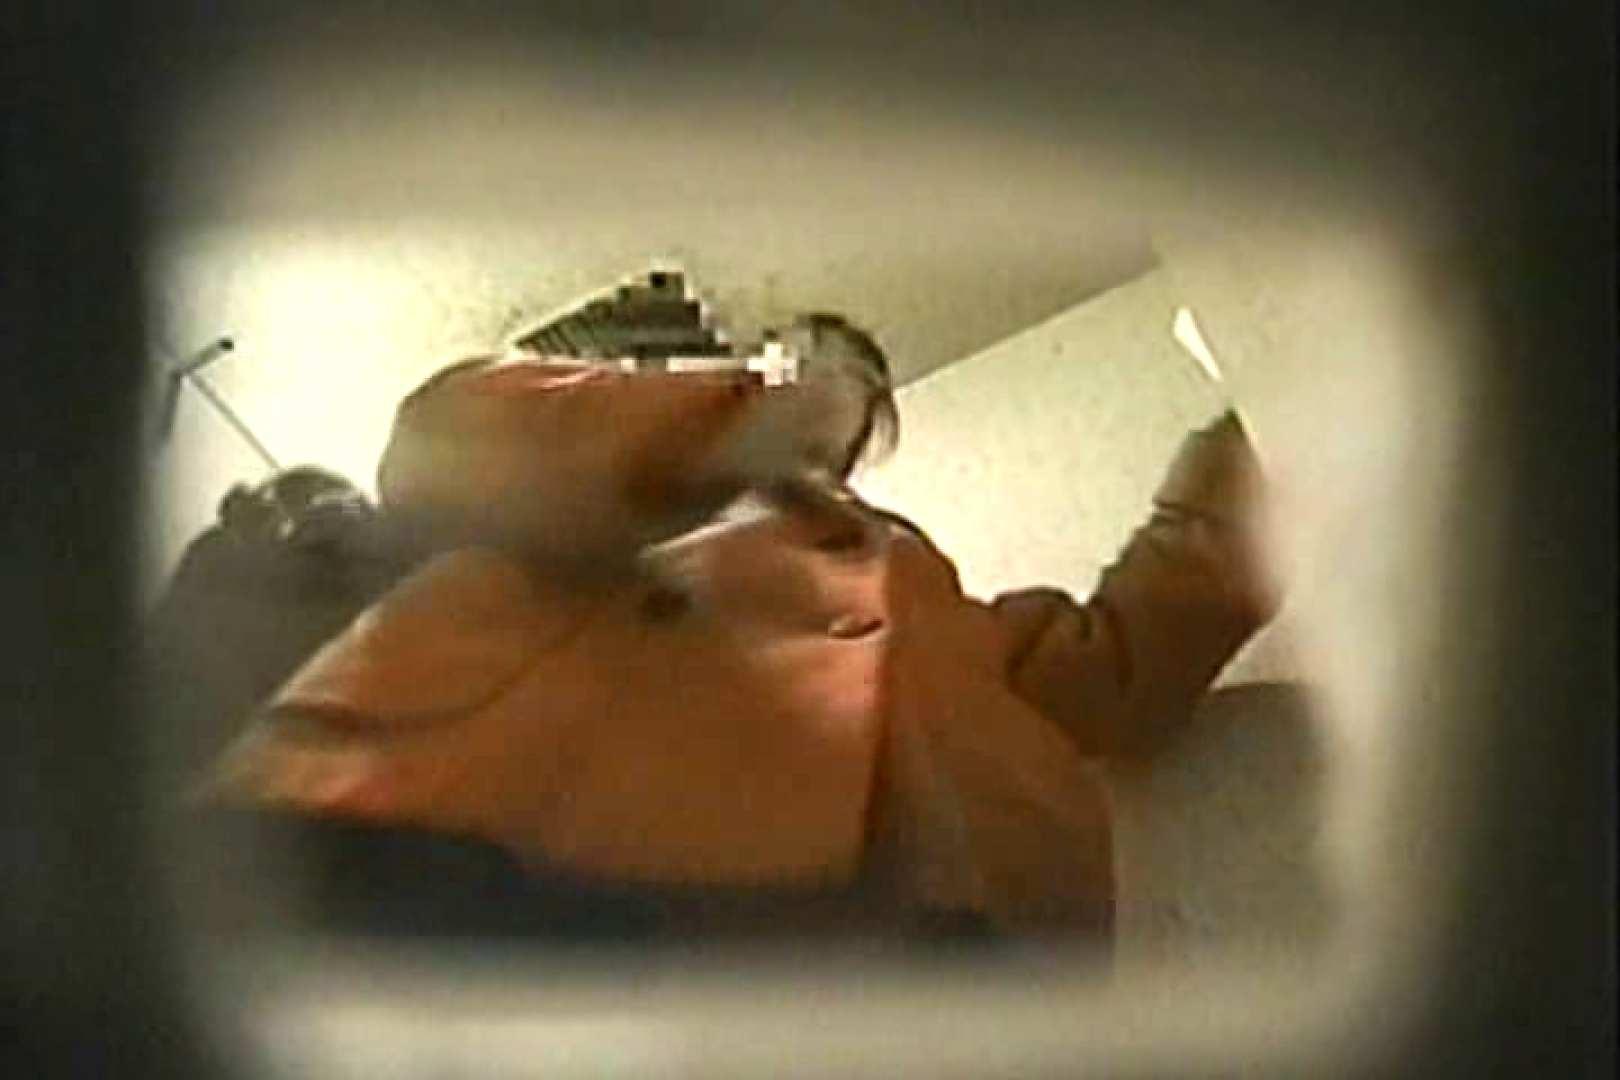 女子洗面所盗撮 今度の2カメは若い子だらけ  TK-127 洗面所  62pic 20